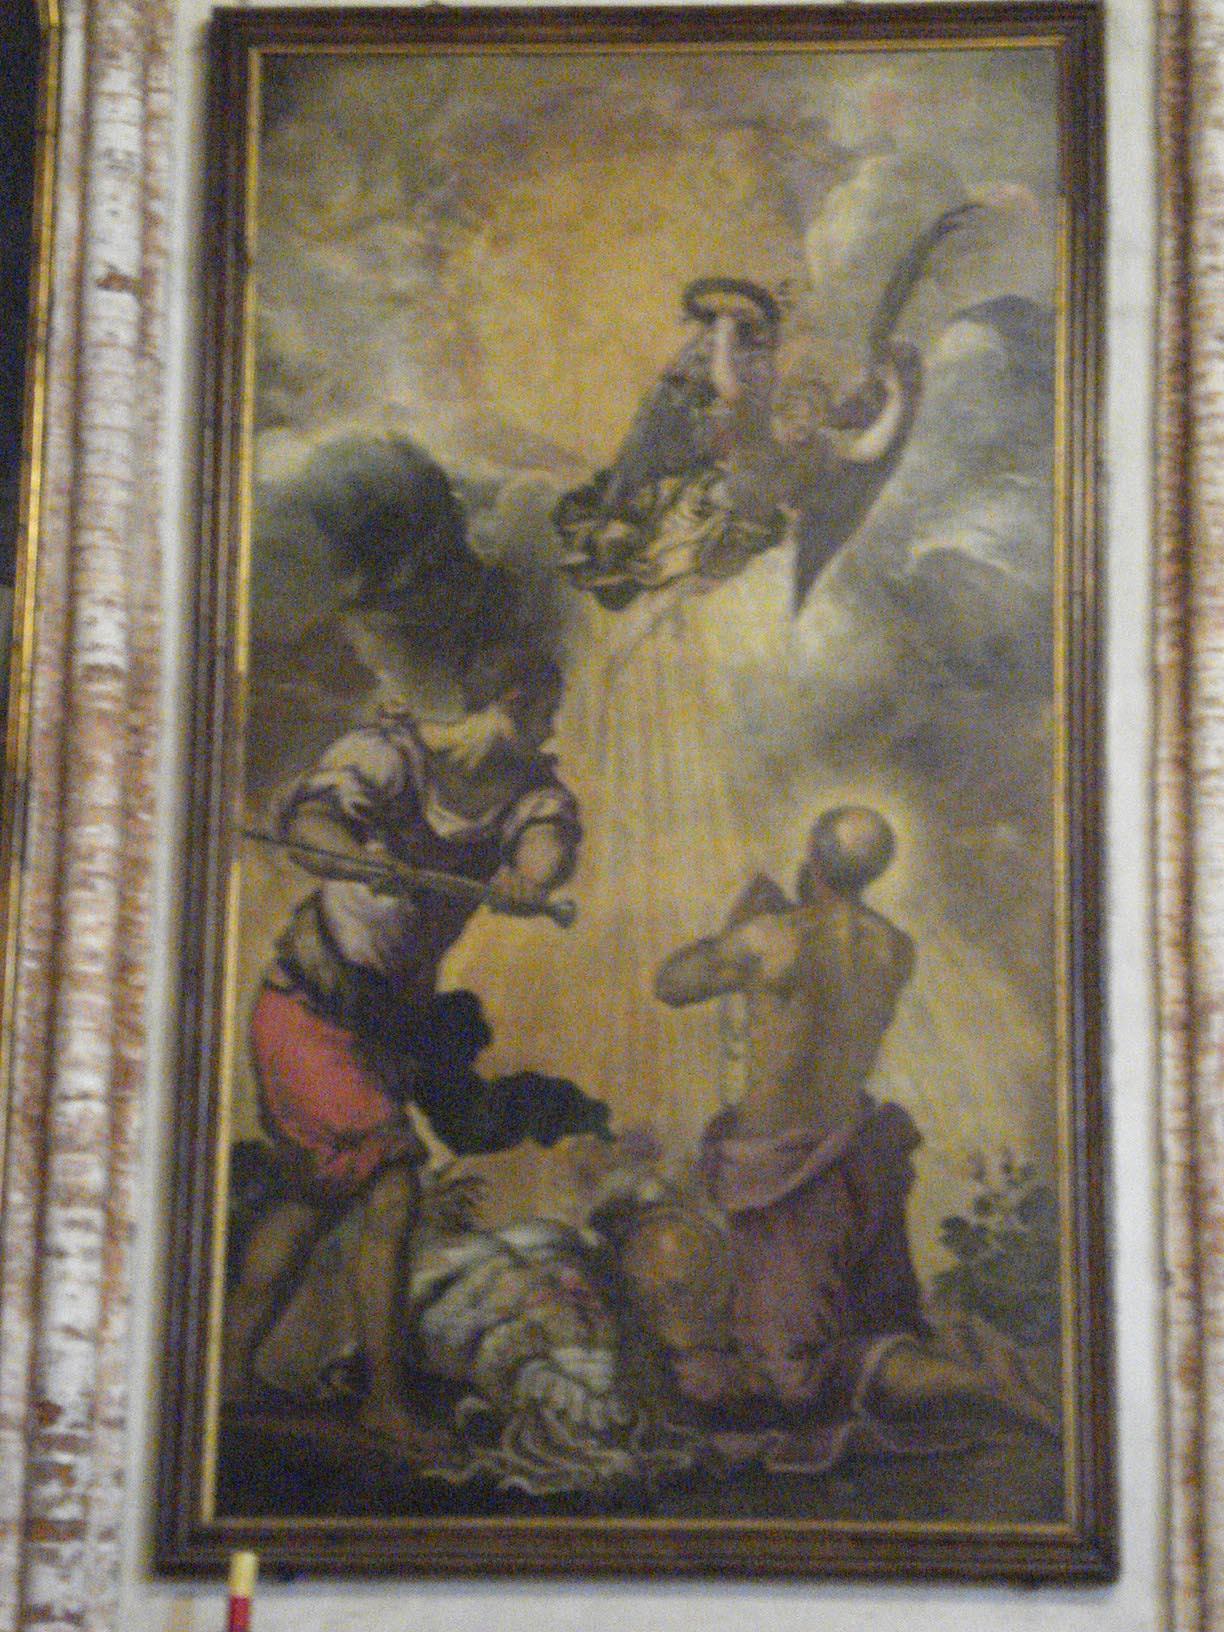 044-казнь св.Павла (Тинторетто)